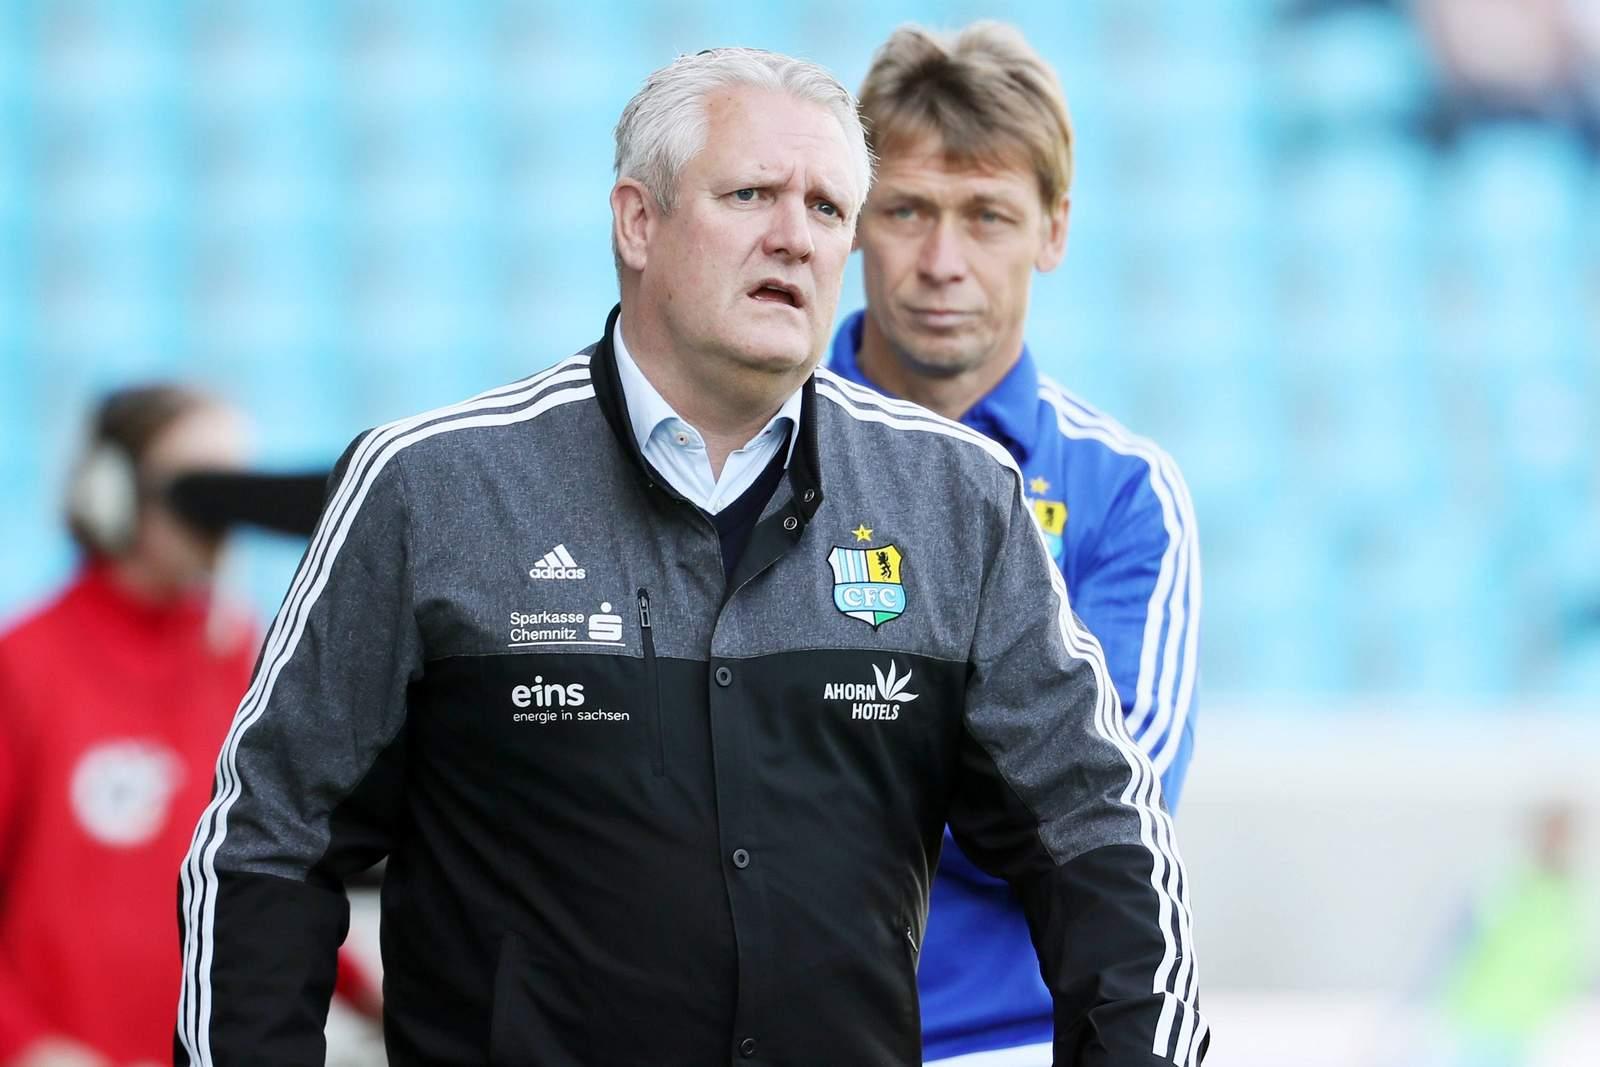 Noch halten Stephan Beutel und Sven Köhler zusammen.